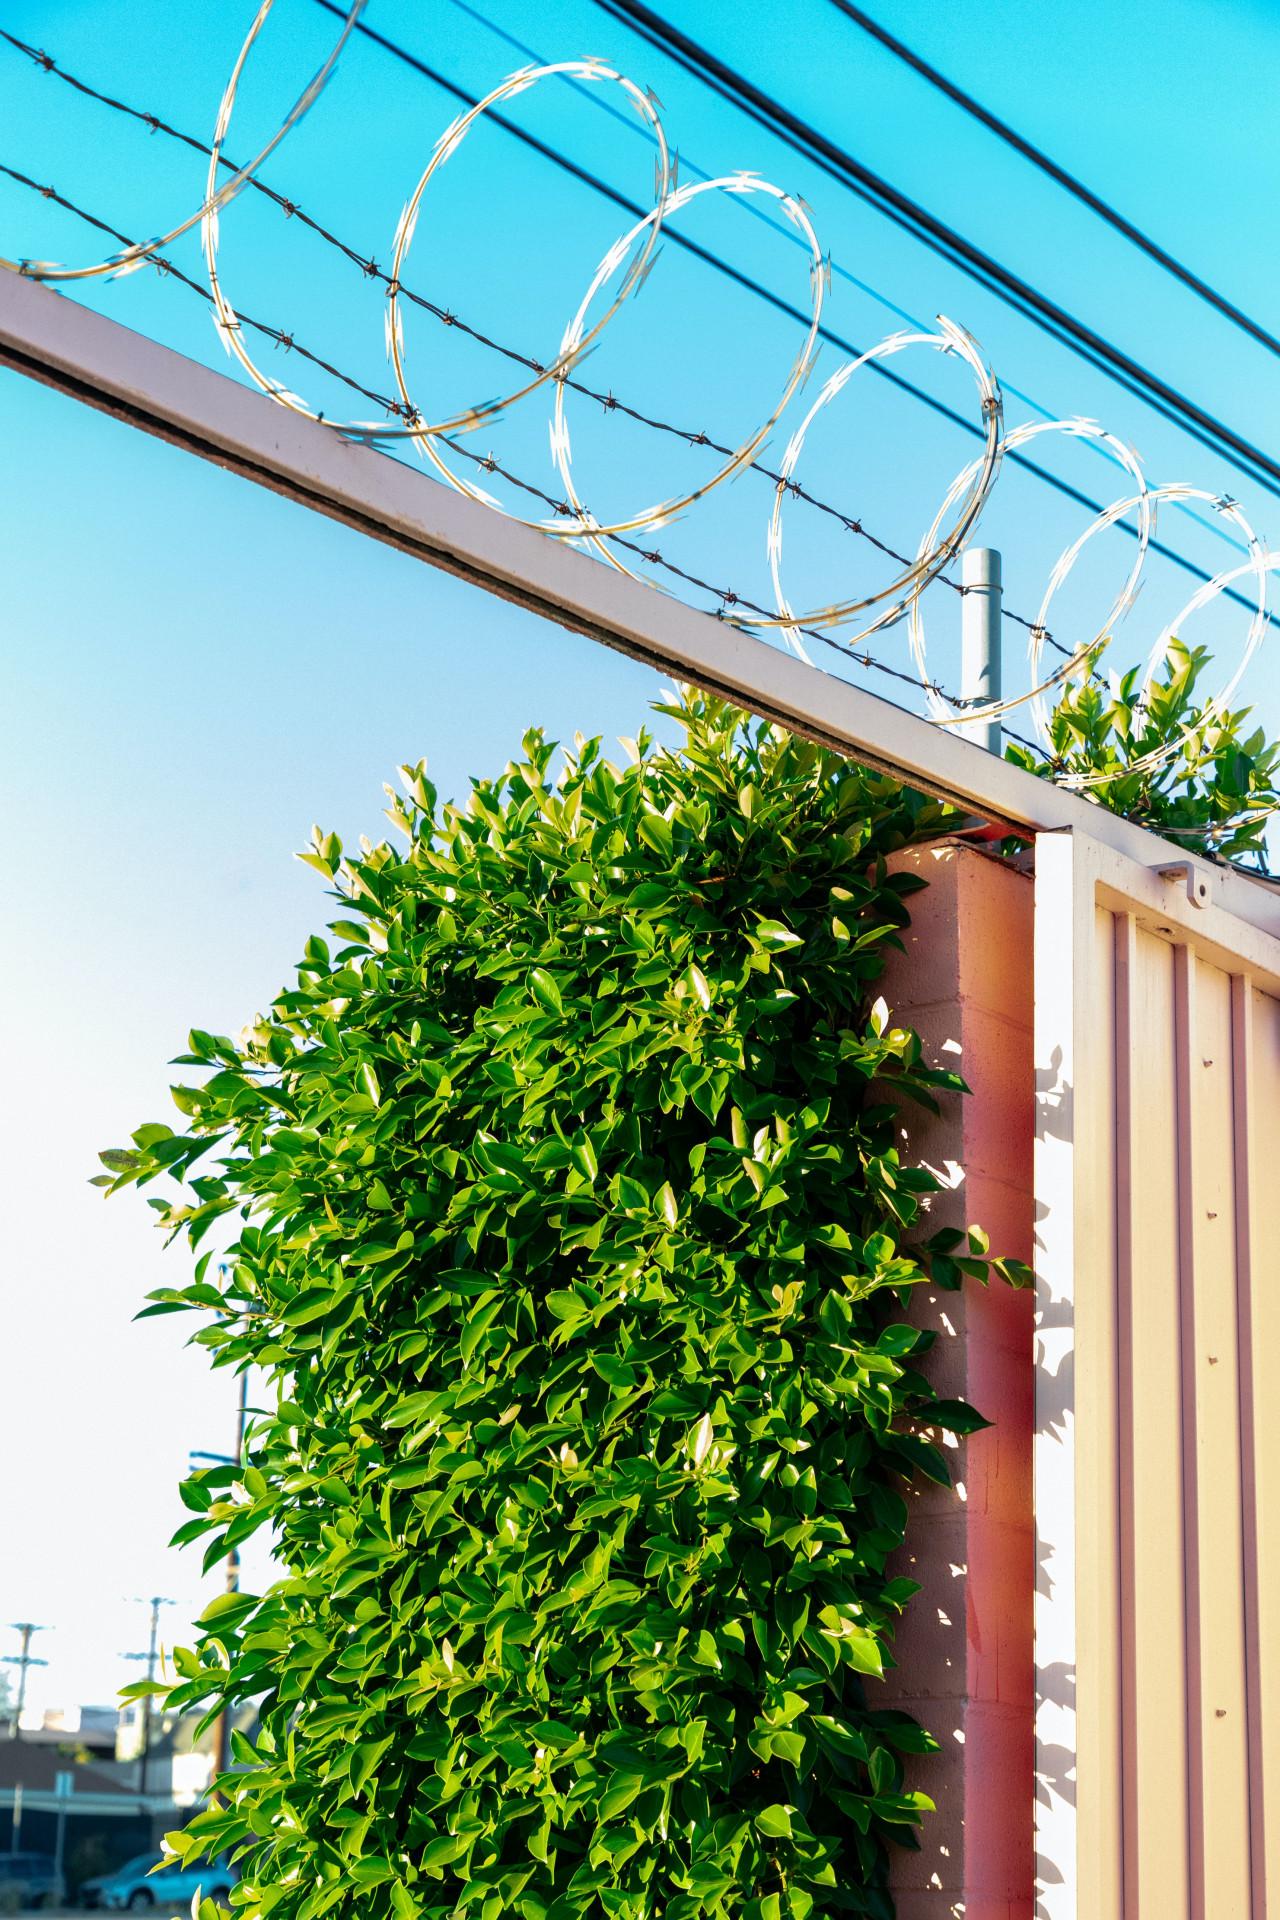 จัดสวนข้างบ้านด้วยต้นไม้ปลูกริมรั้ว